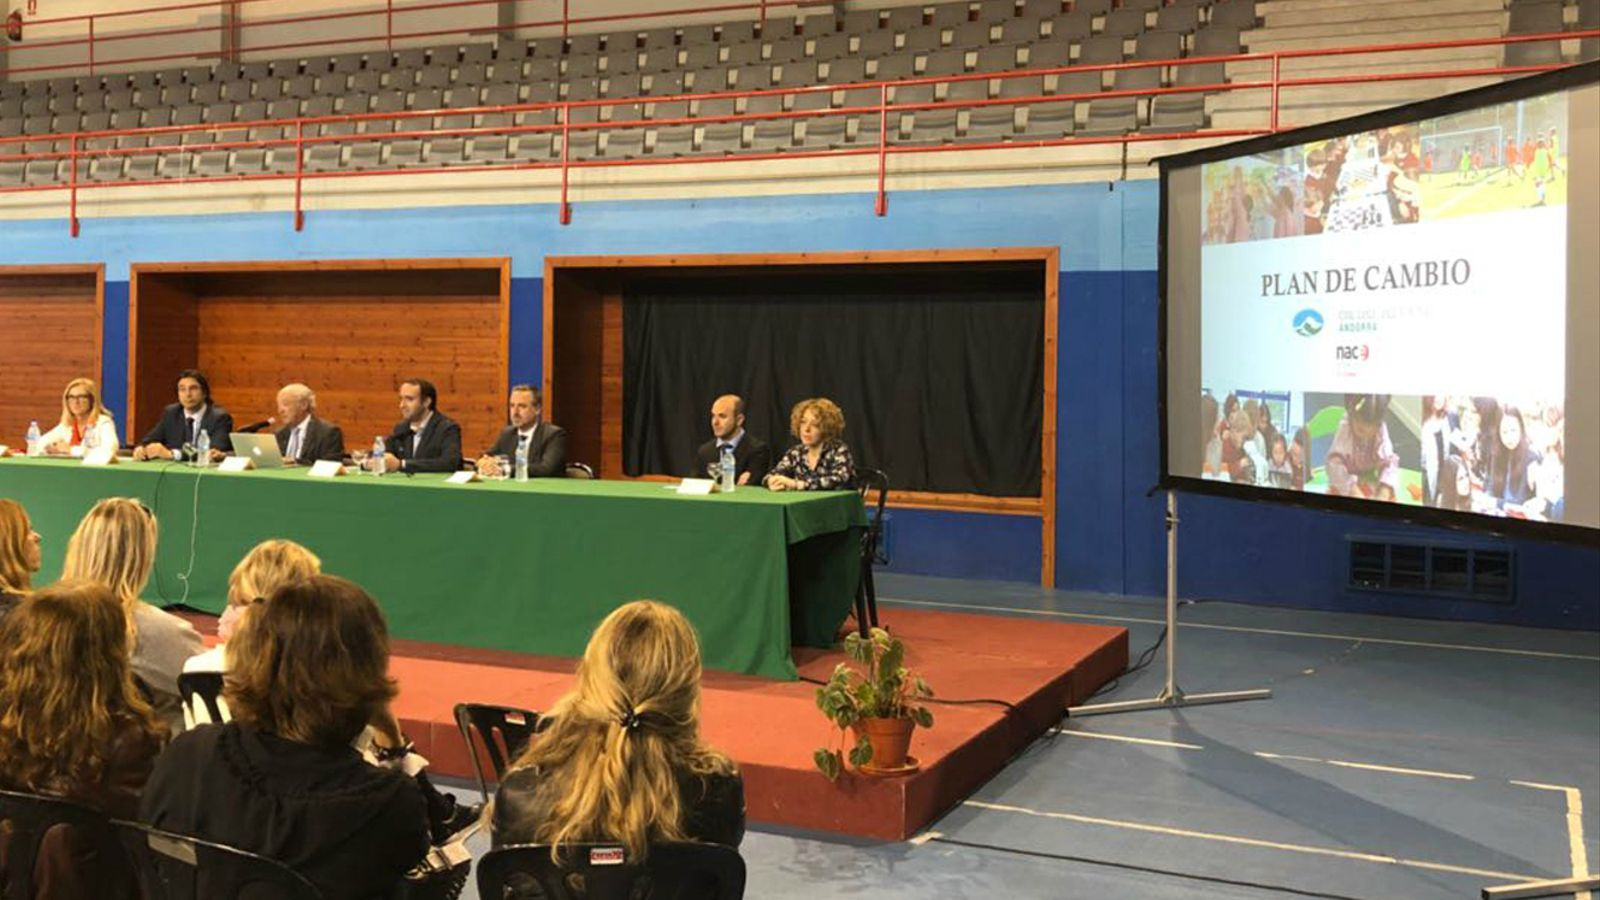 Presentació del nou projecte educatiu del Col·legi dels Pirineus. / Nace Schools